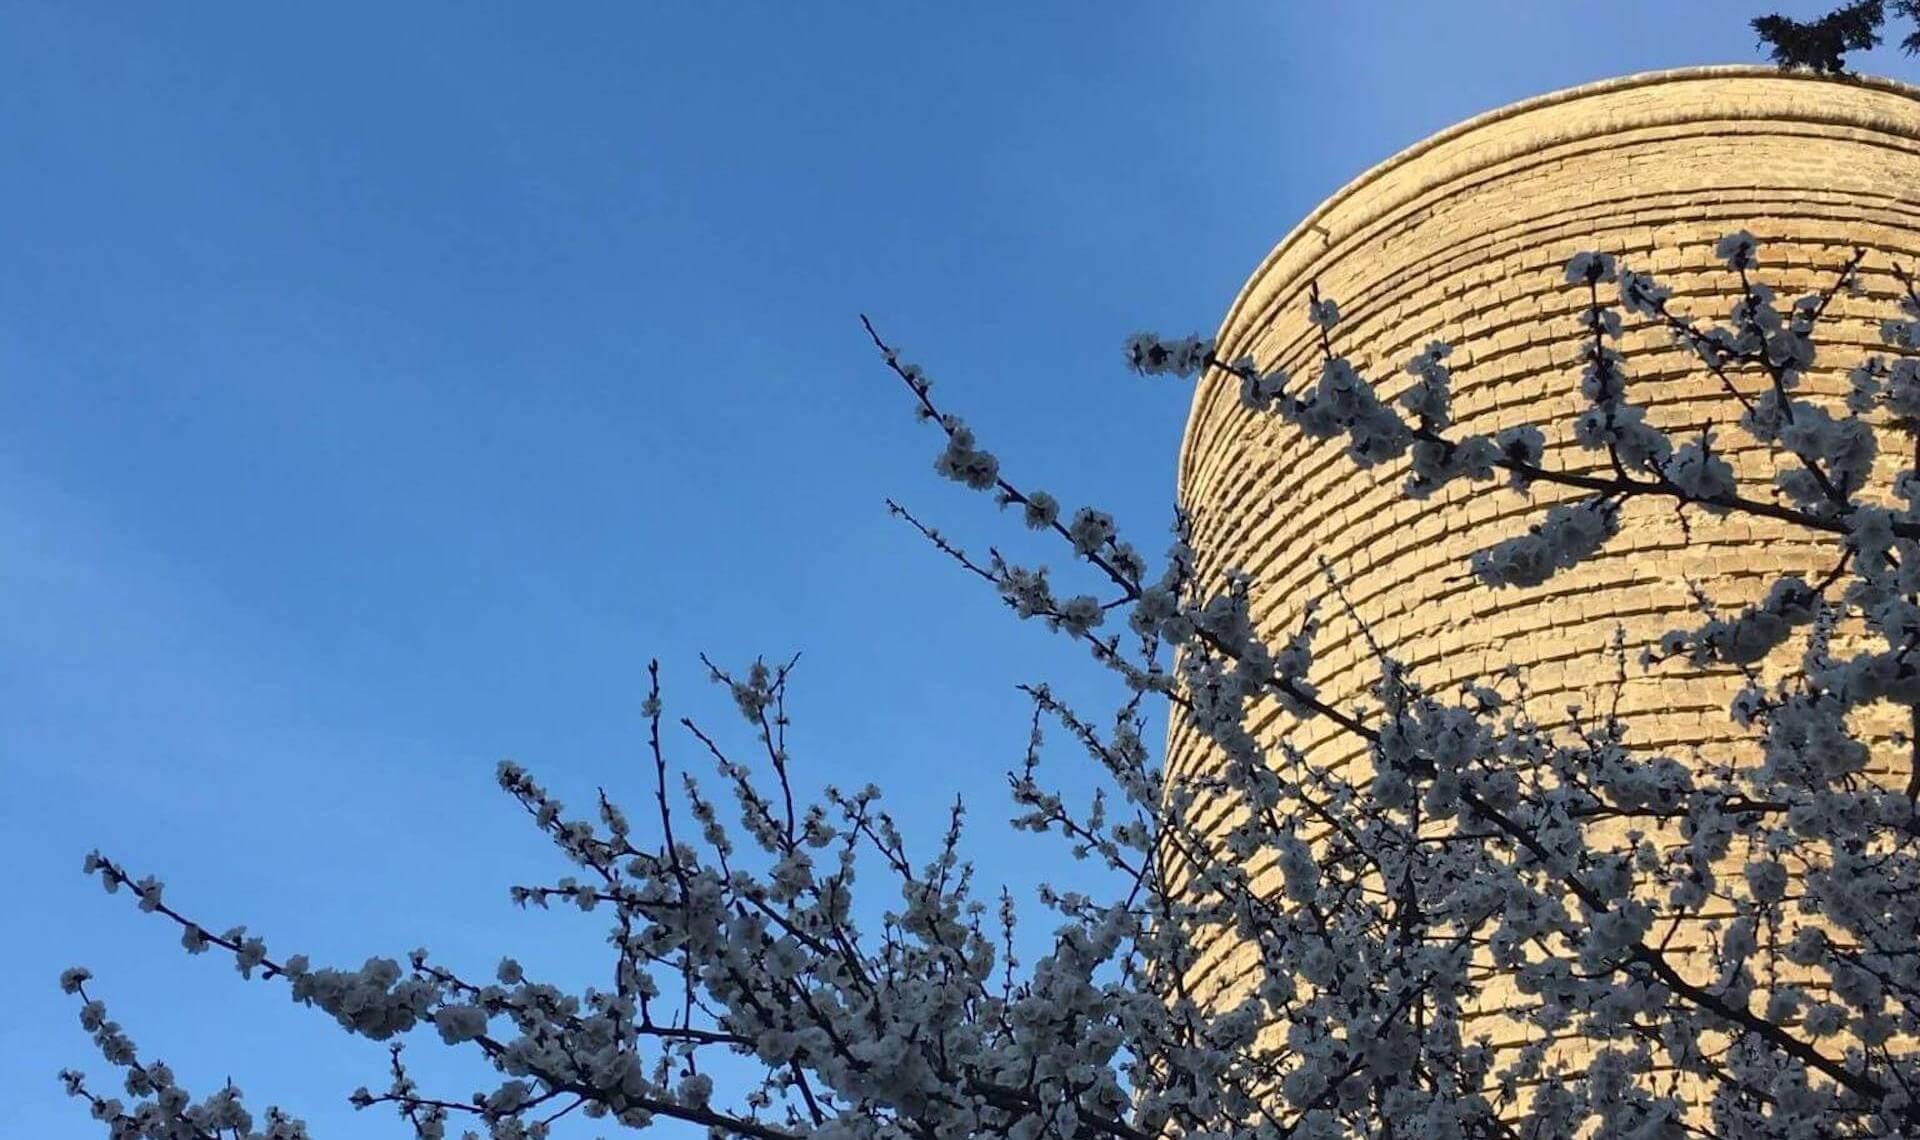 Bloemen naast de Qiz Qalasi, de maagdentoren in de oude stad van Bakoe in Azerbeidzjan